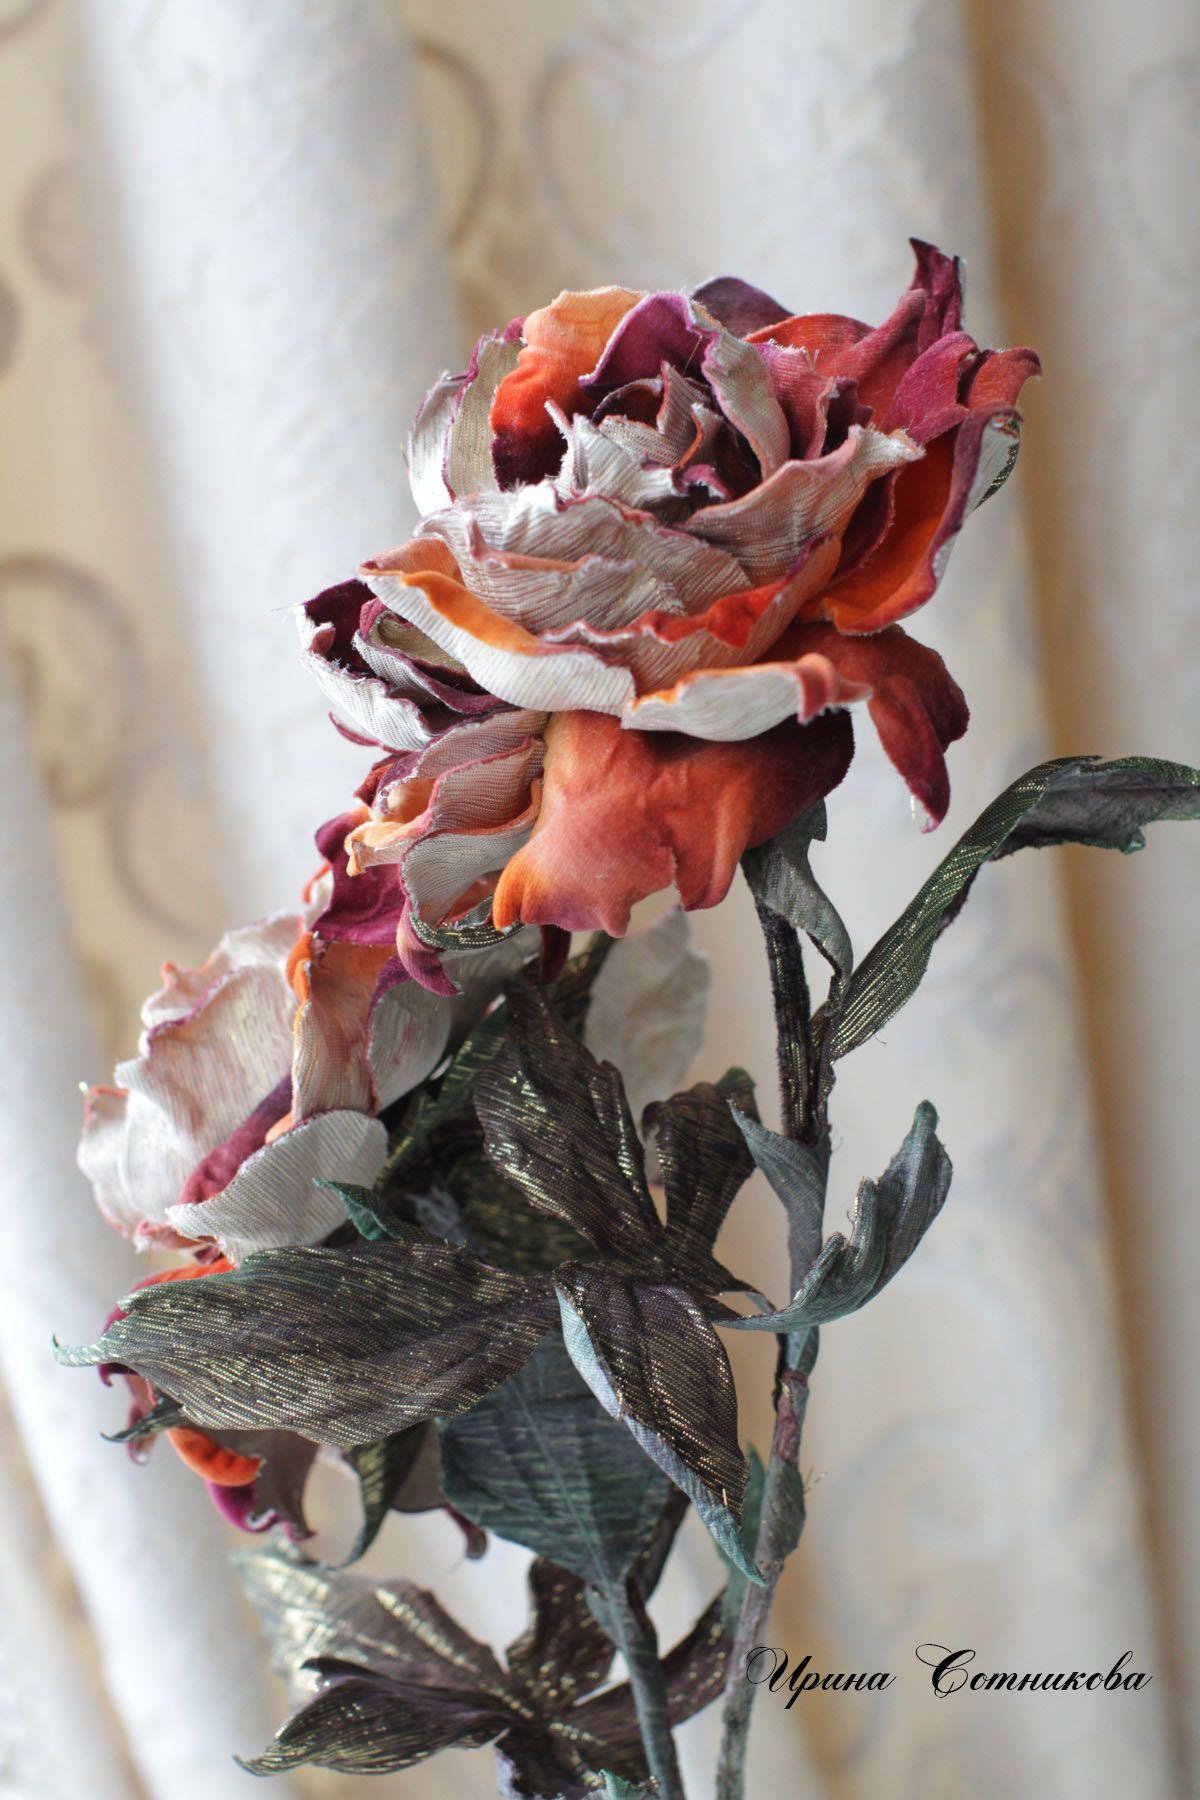 Somebana Шёлковые цветы, Тканевые цветы, Цветы